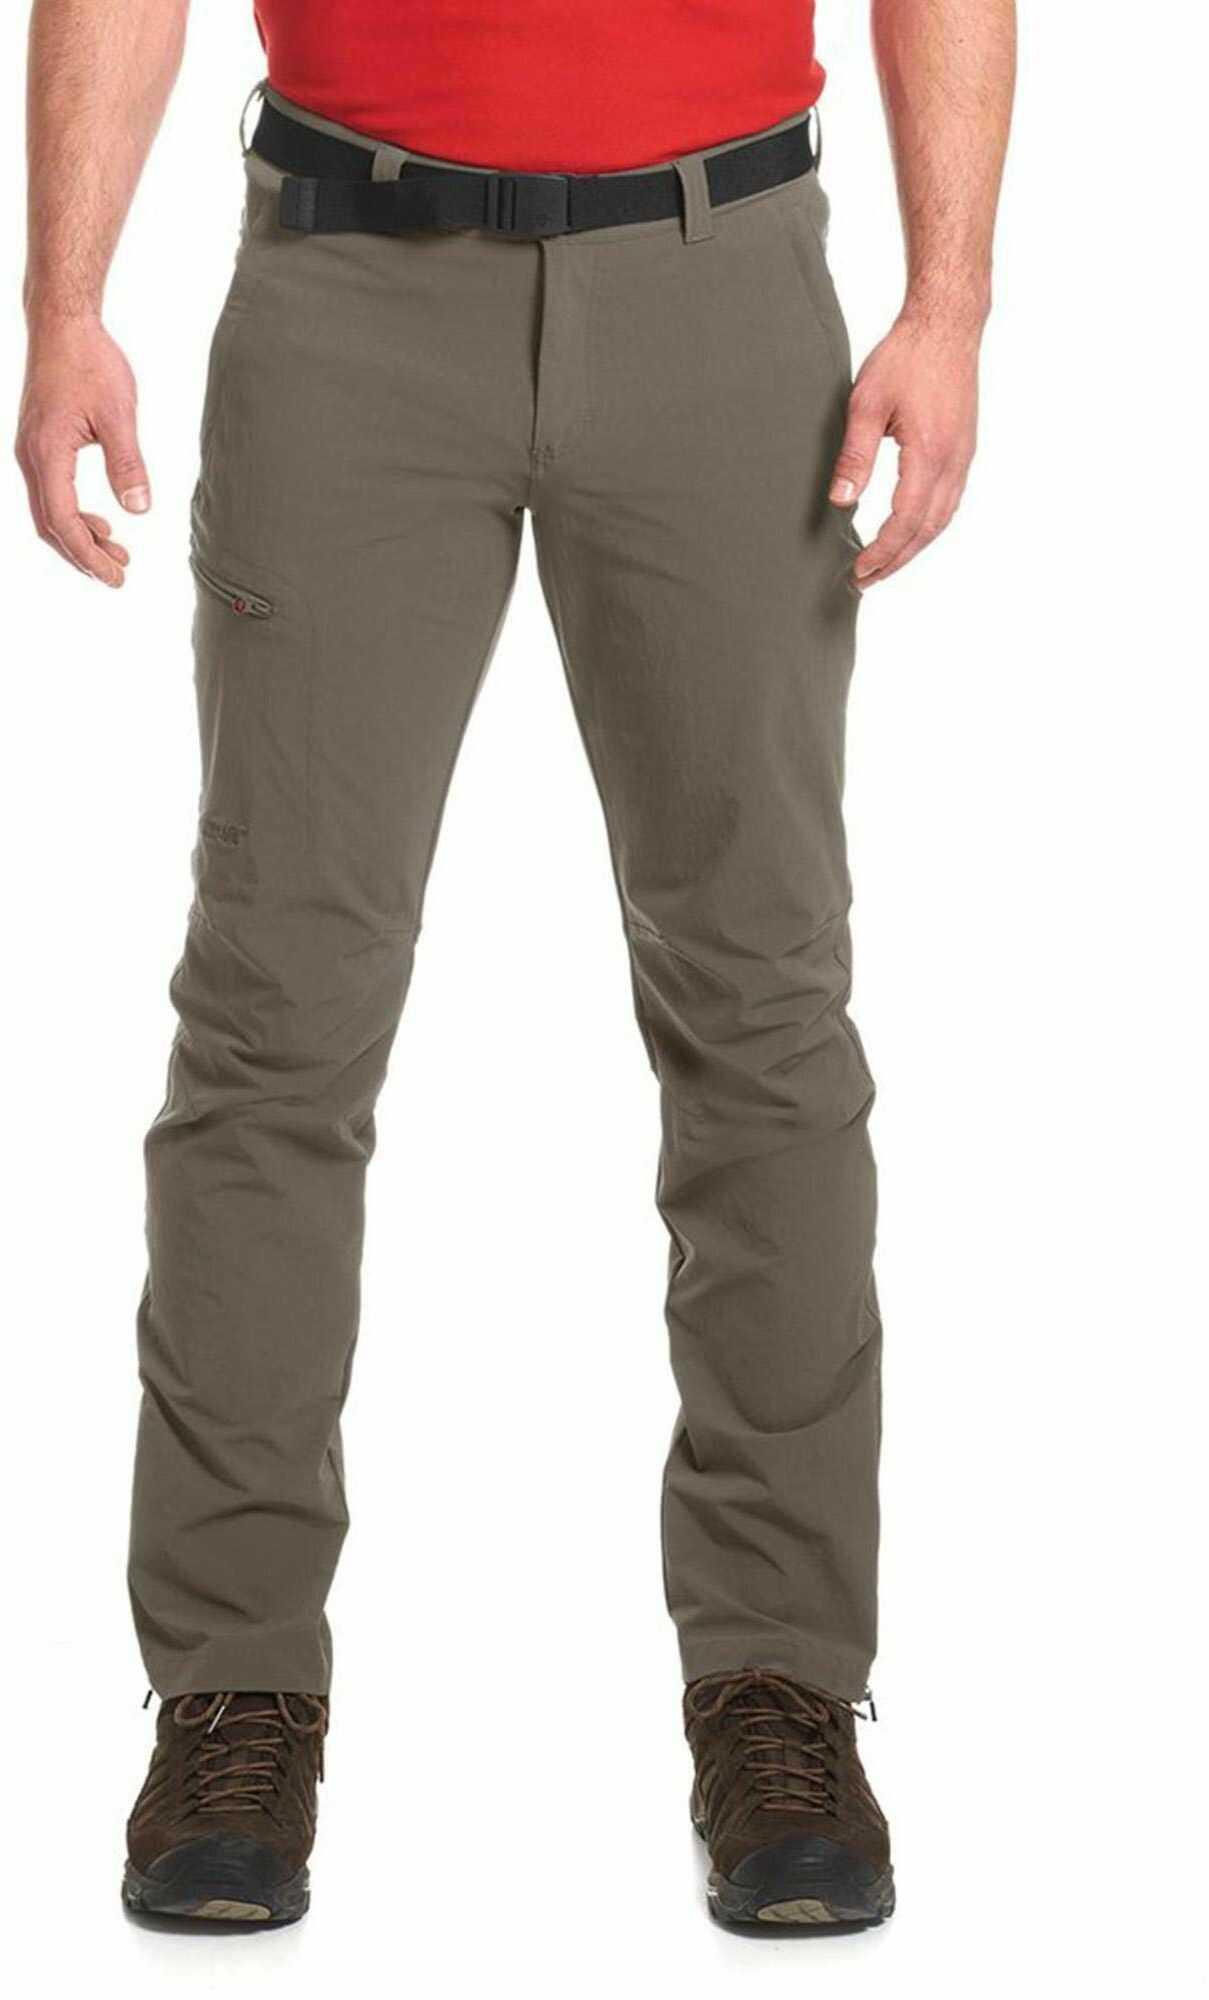 Maier Sports Torid Slim męskie spodnie trekkingowe oliwkowo-zielony Olivgrün (Teak/780) 46